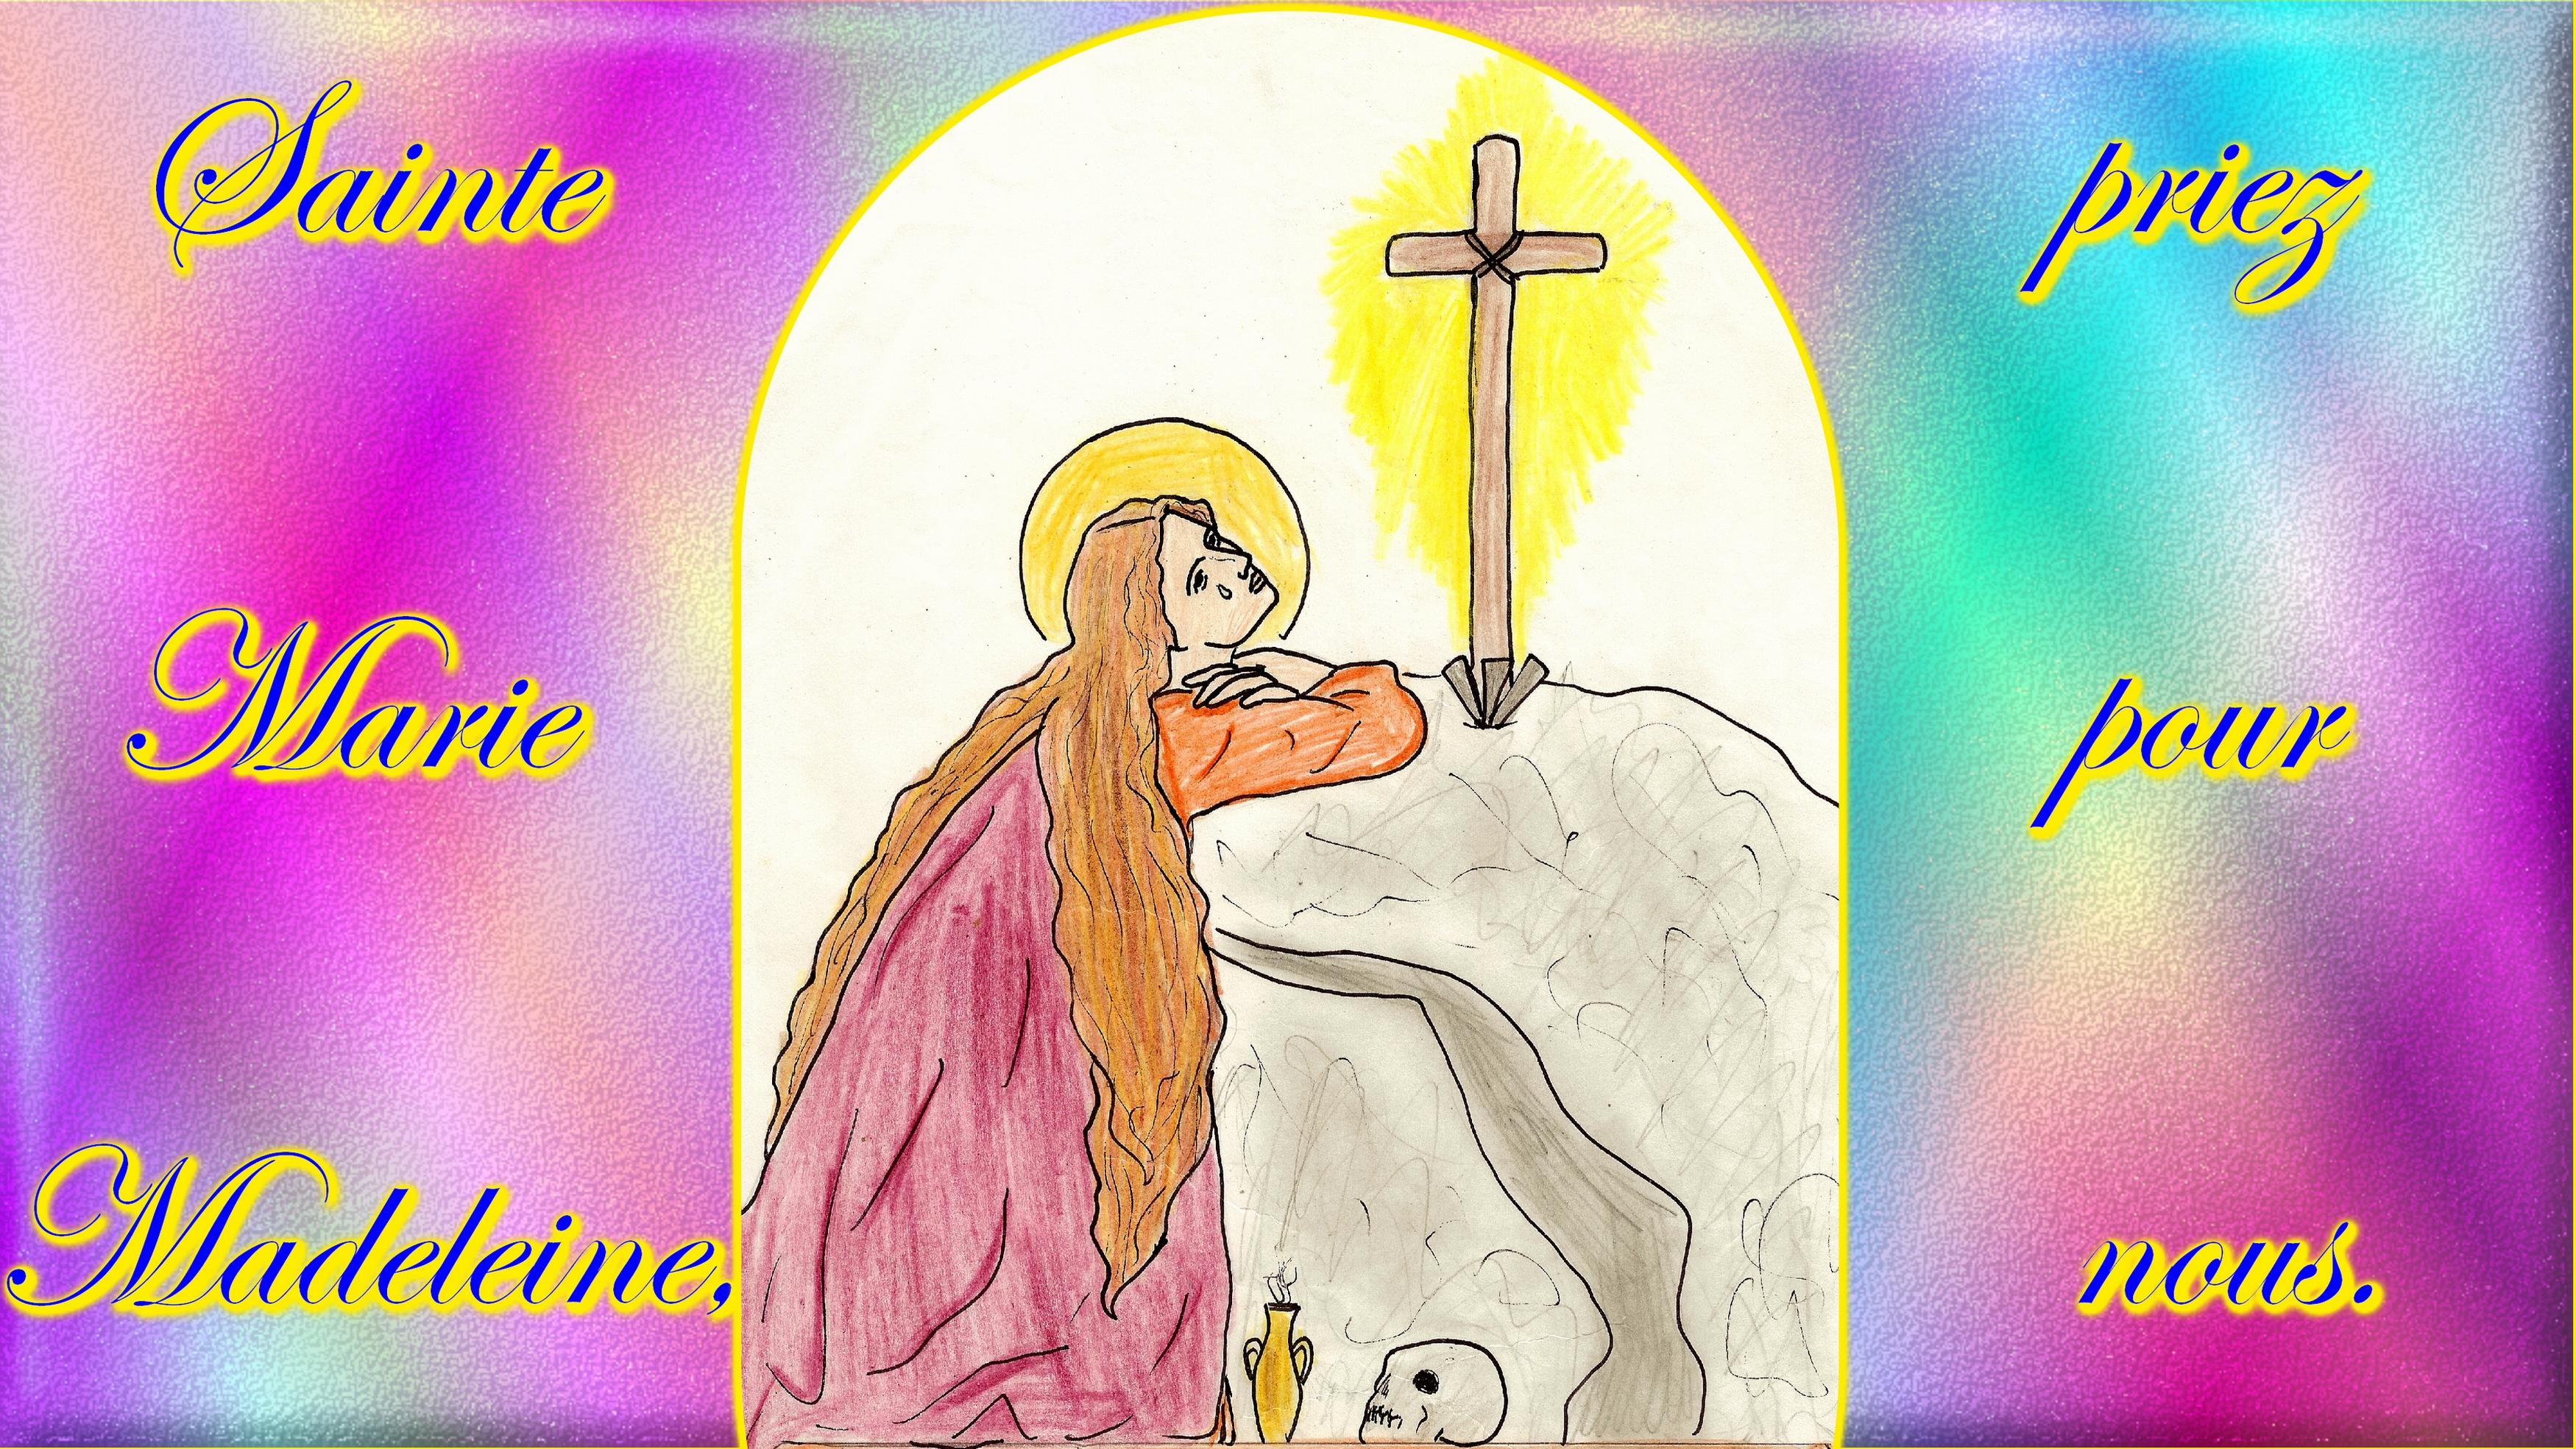 CALENDRIER CATHOLIQUE 2019 (Cantiques, Prières & Images) - Page 3 Sainte-marie-madeleine-55e62d5